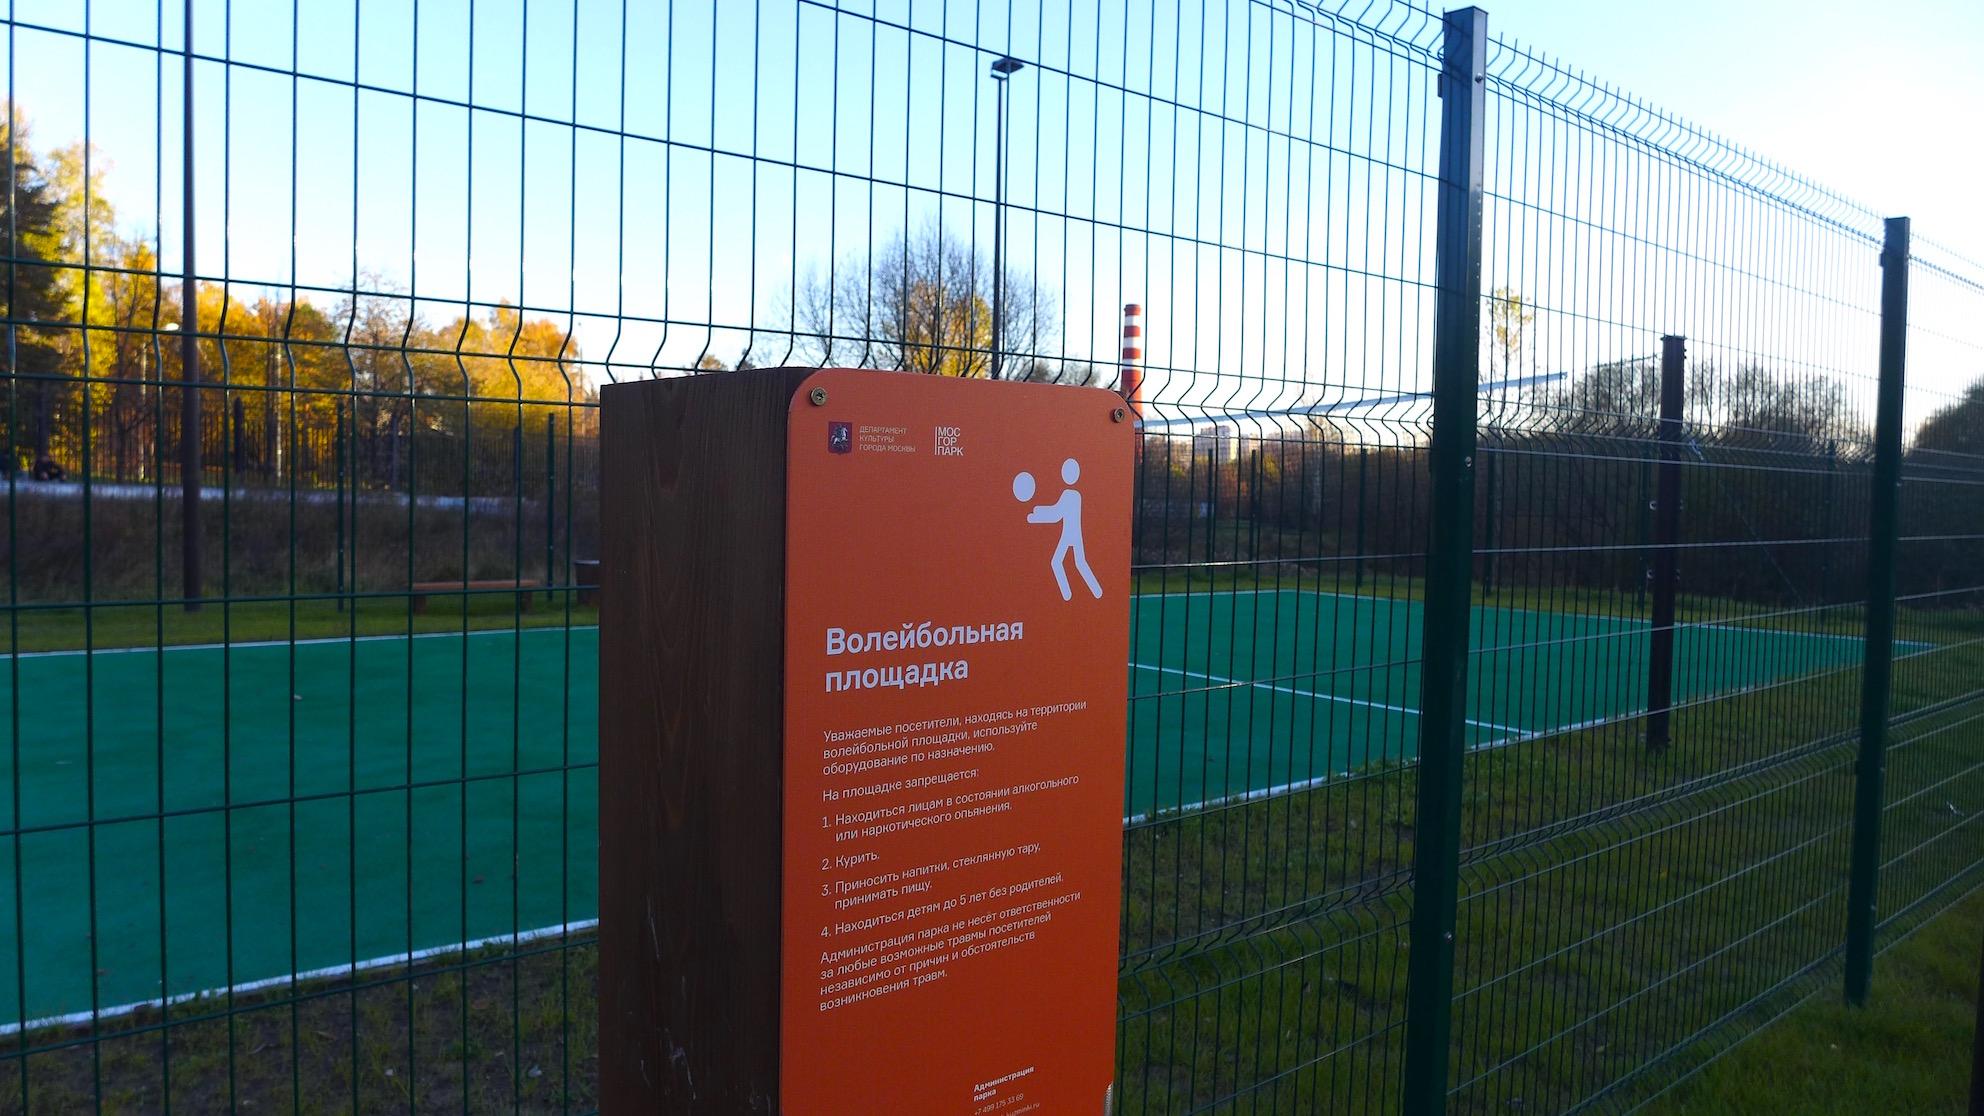 Покрытие волейбольной площадки в Аршиновском парке